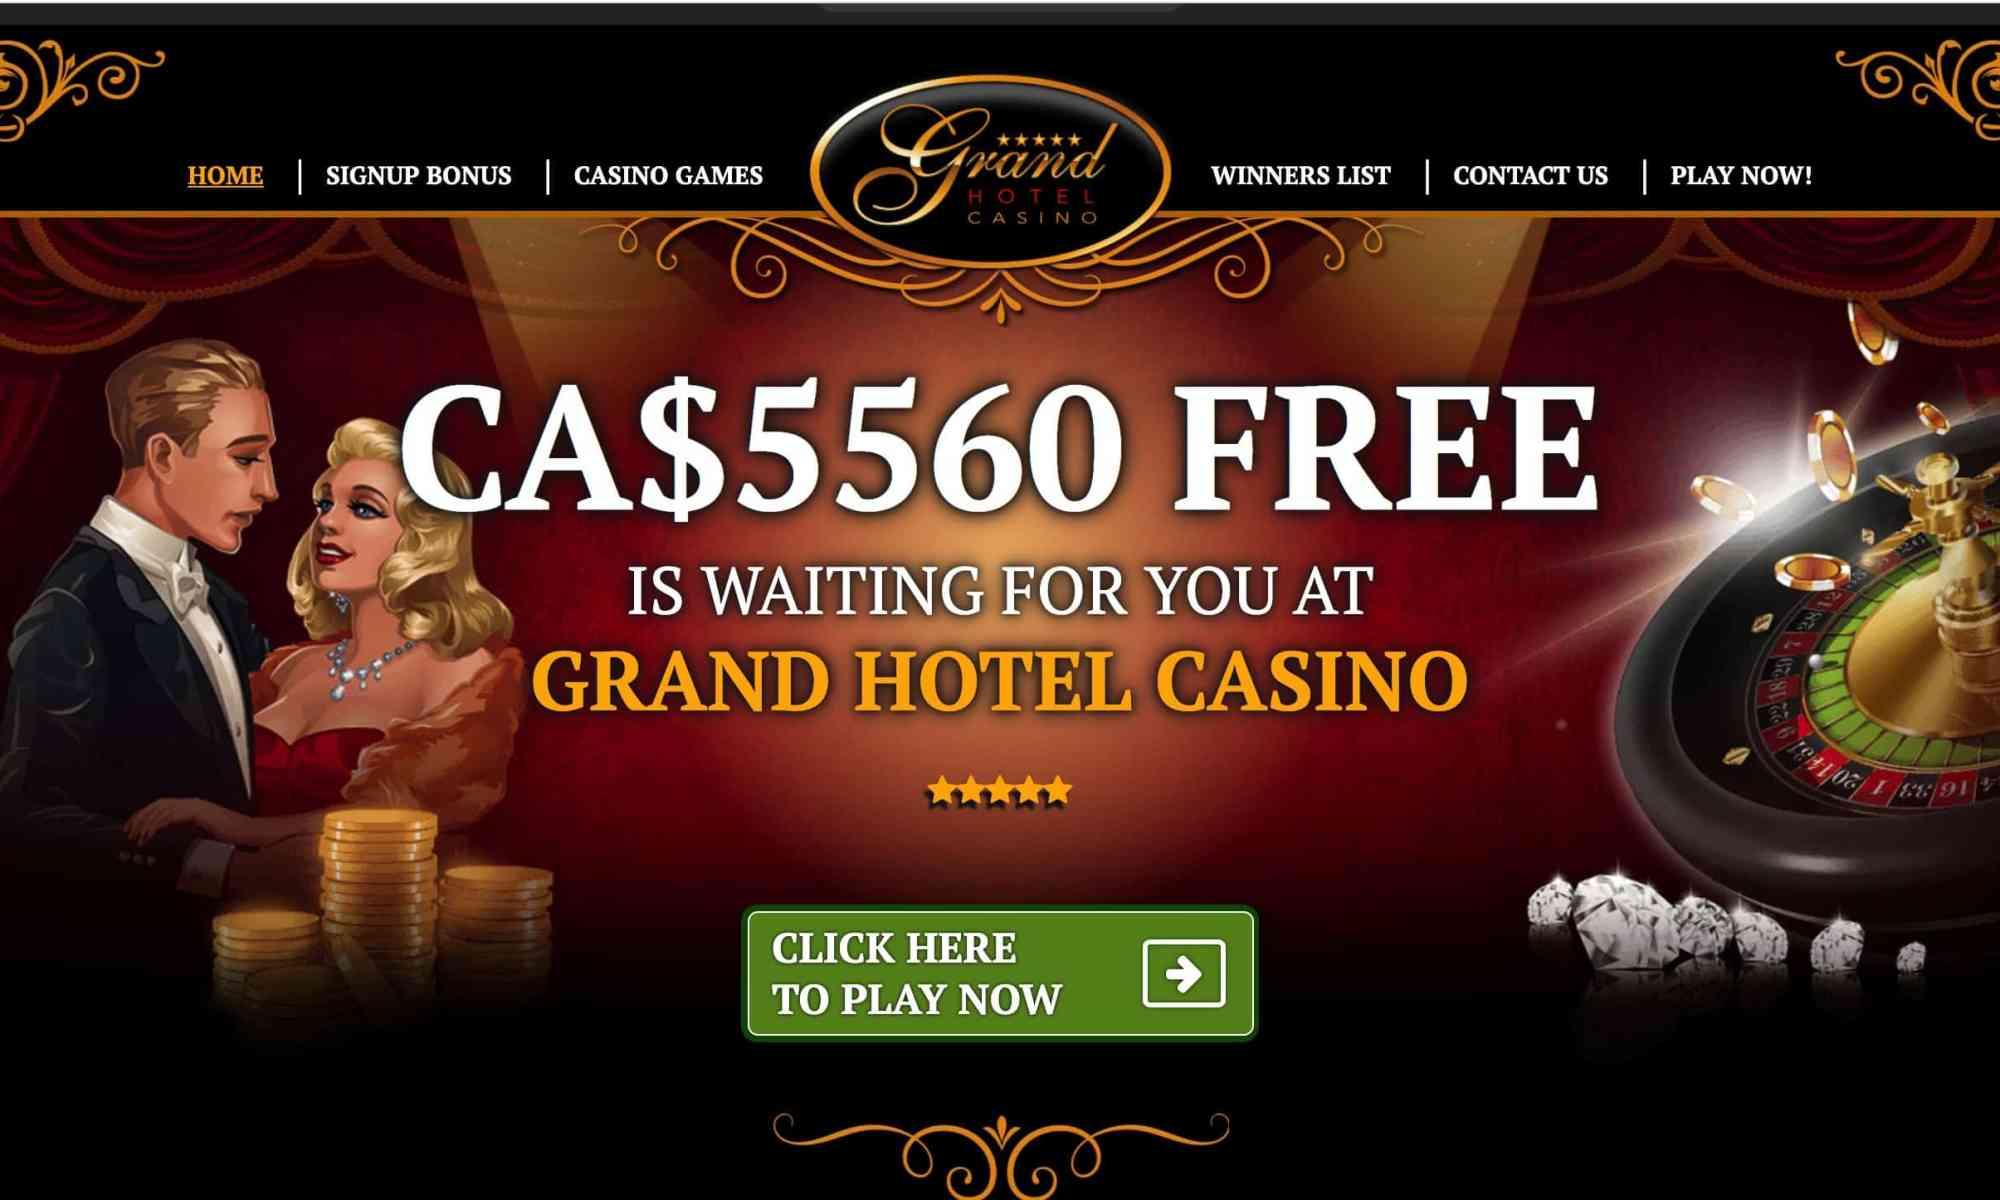 Grand Hotel Casino - get a $€£ 5560 free bonus